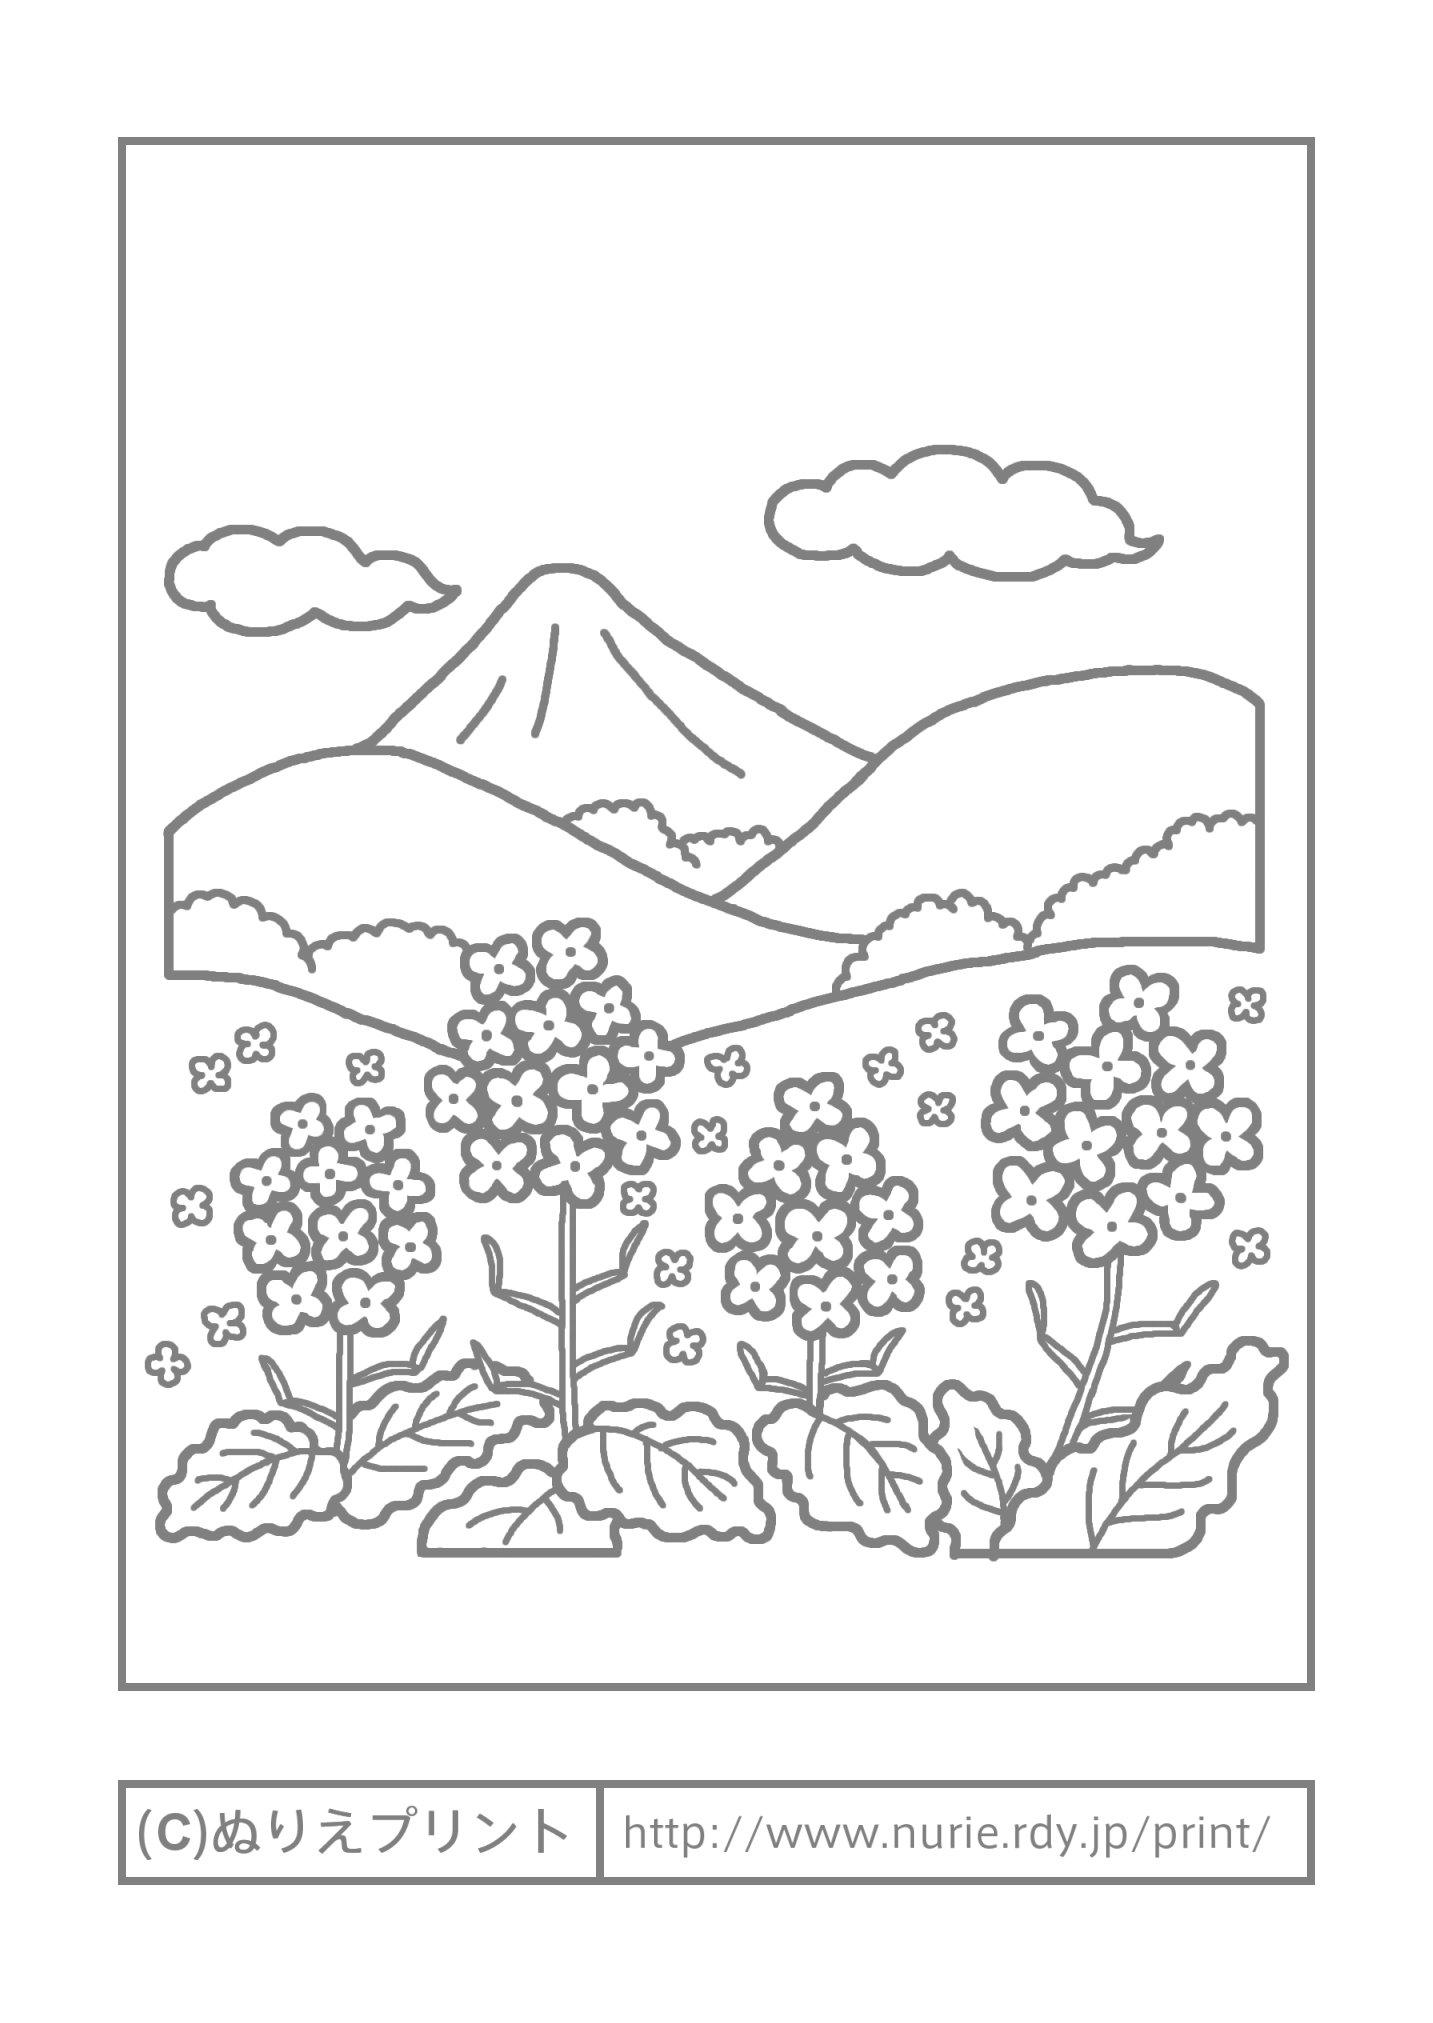 ... 季節・行事/大人の塗り絵【ぬ